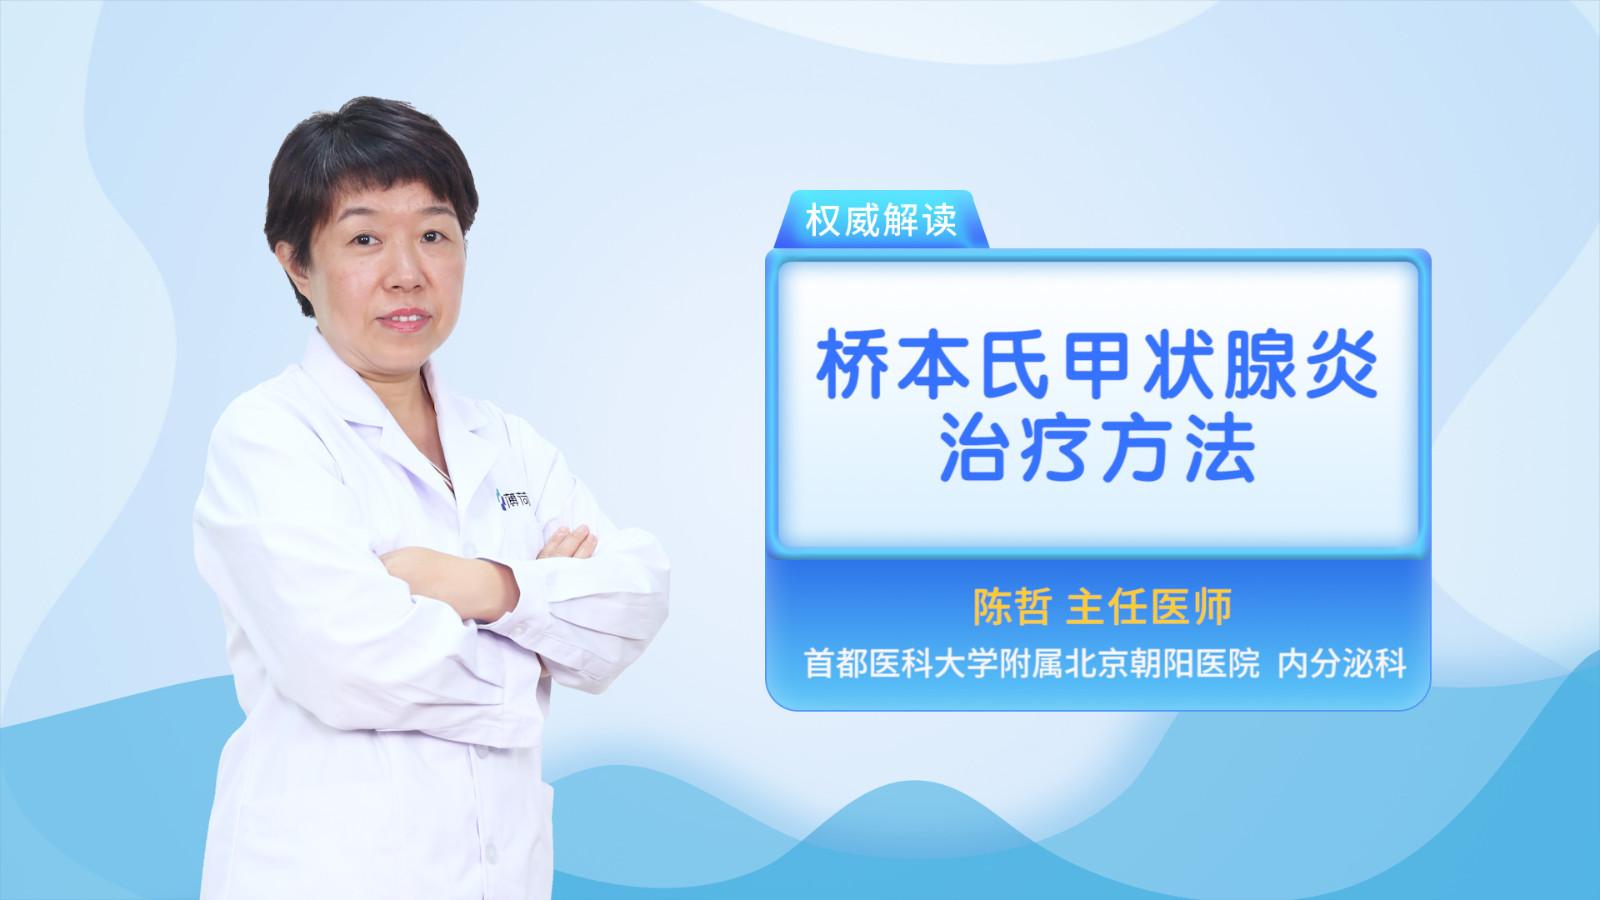 桥本氏甲状腺炎治疗方法